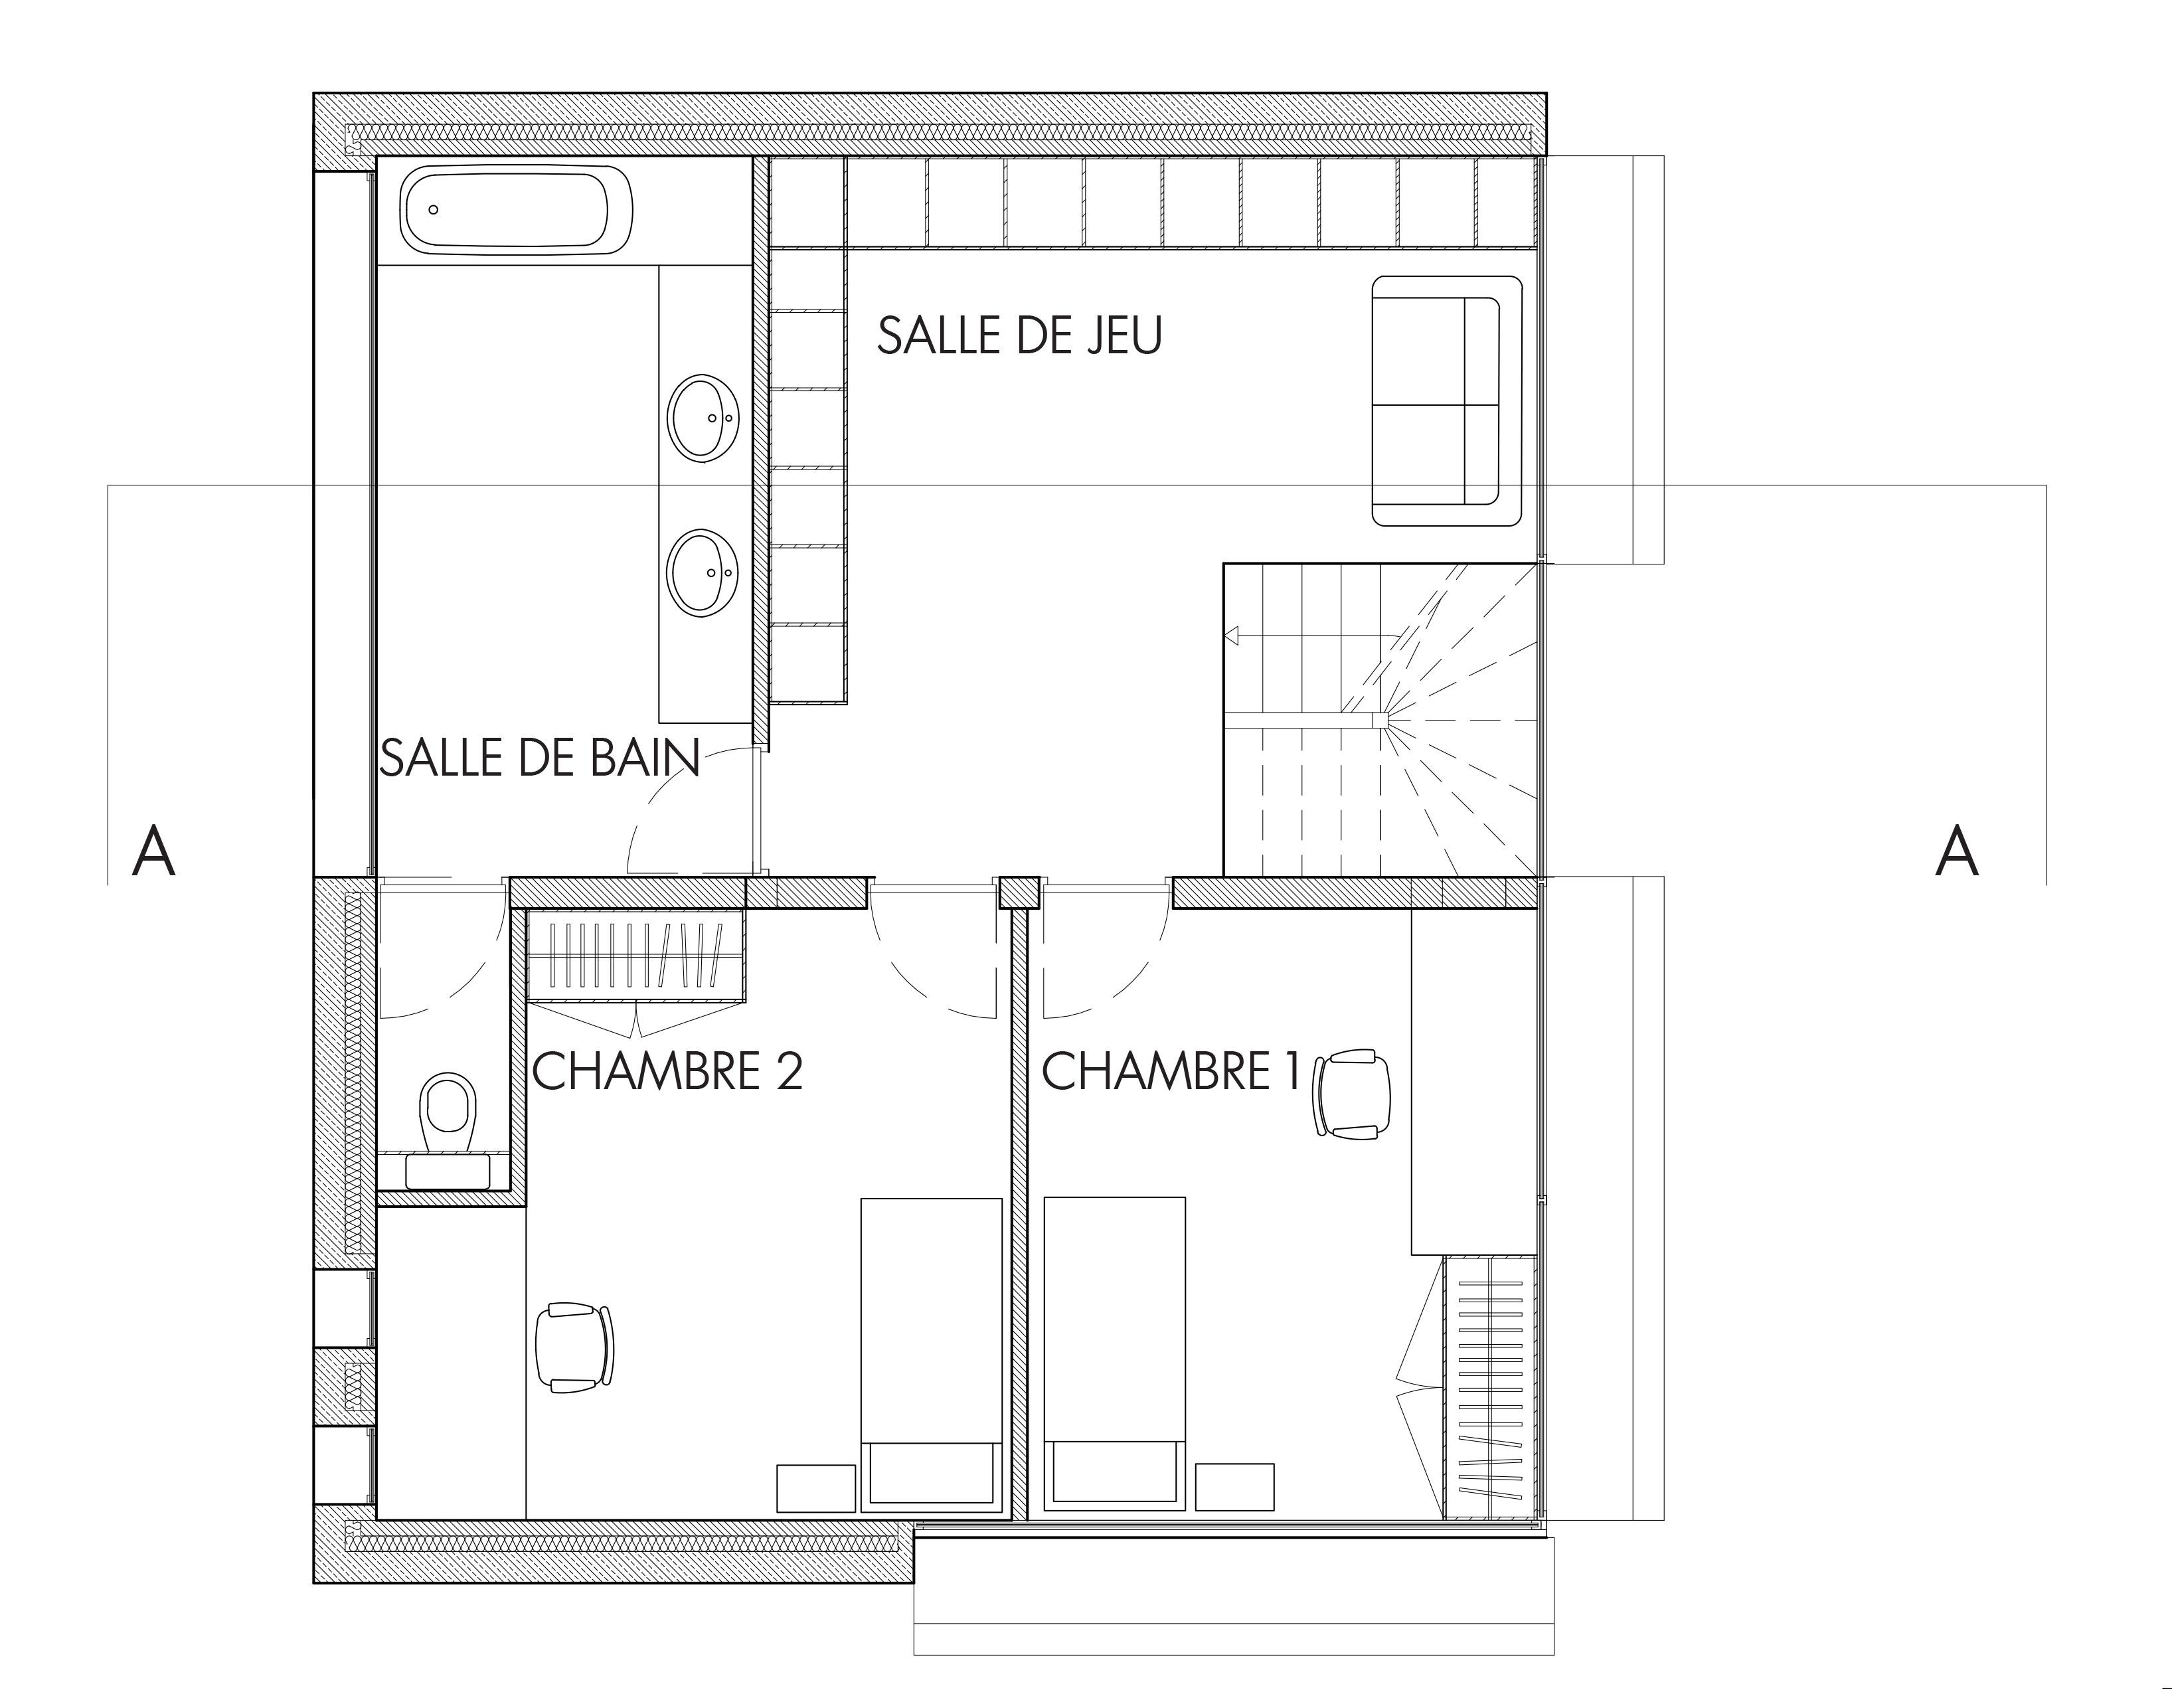 Maison rue des peupliers pauline de laitre for Plan de maison avec autocad